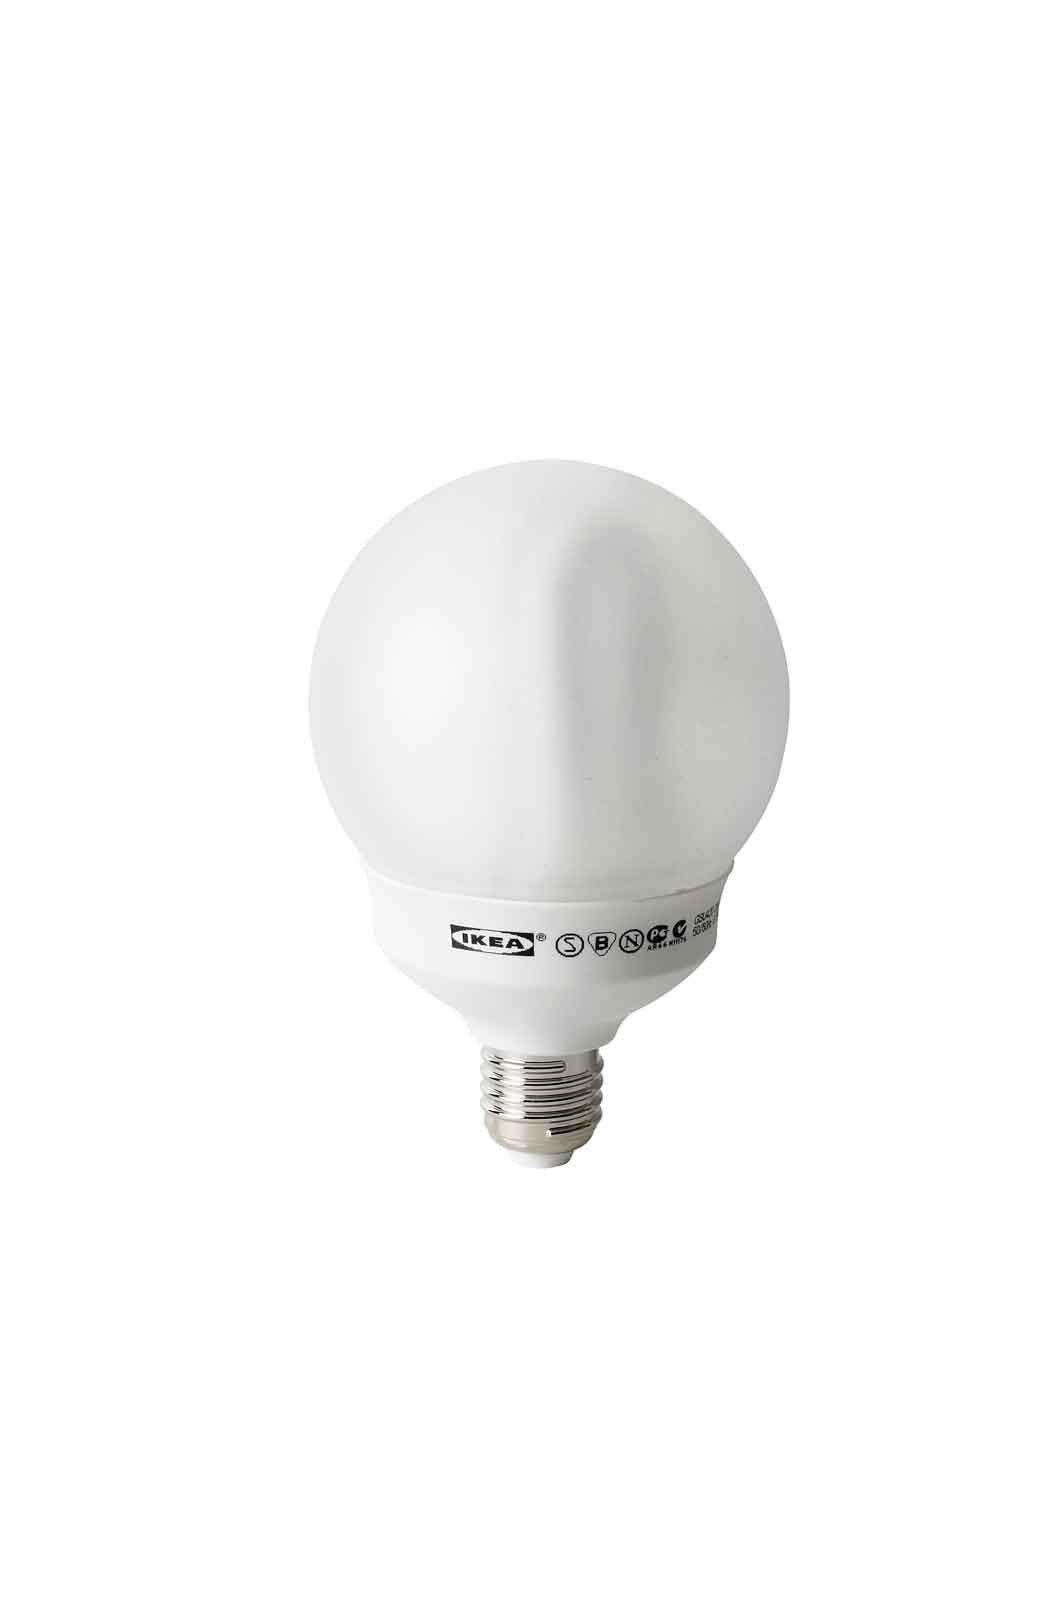 Nuove lampadine obiettivo risparmio cose di casa - Lampadine a led ikea ...